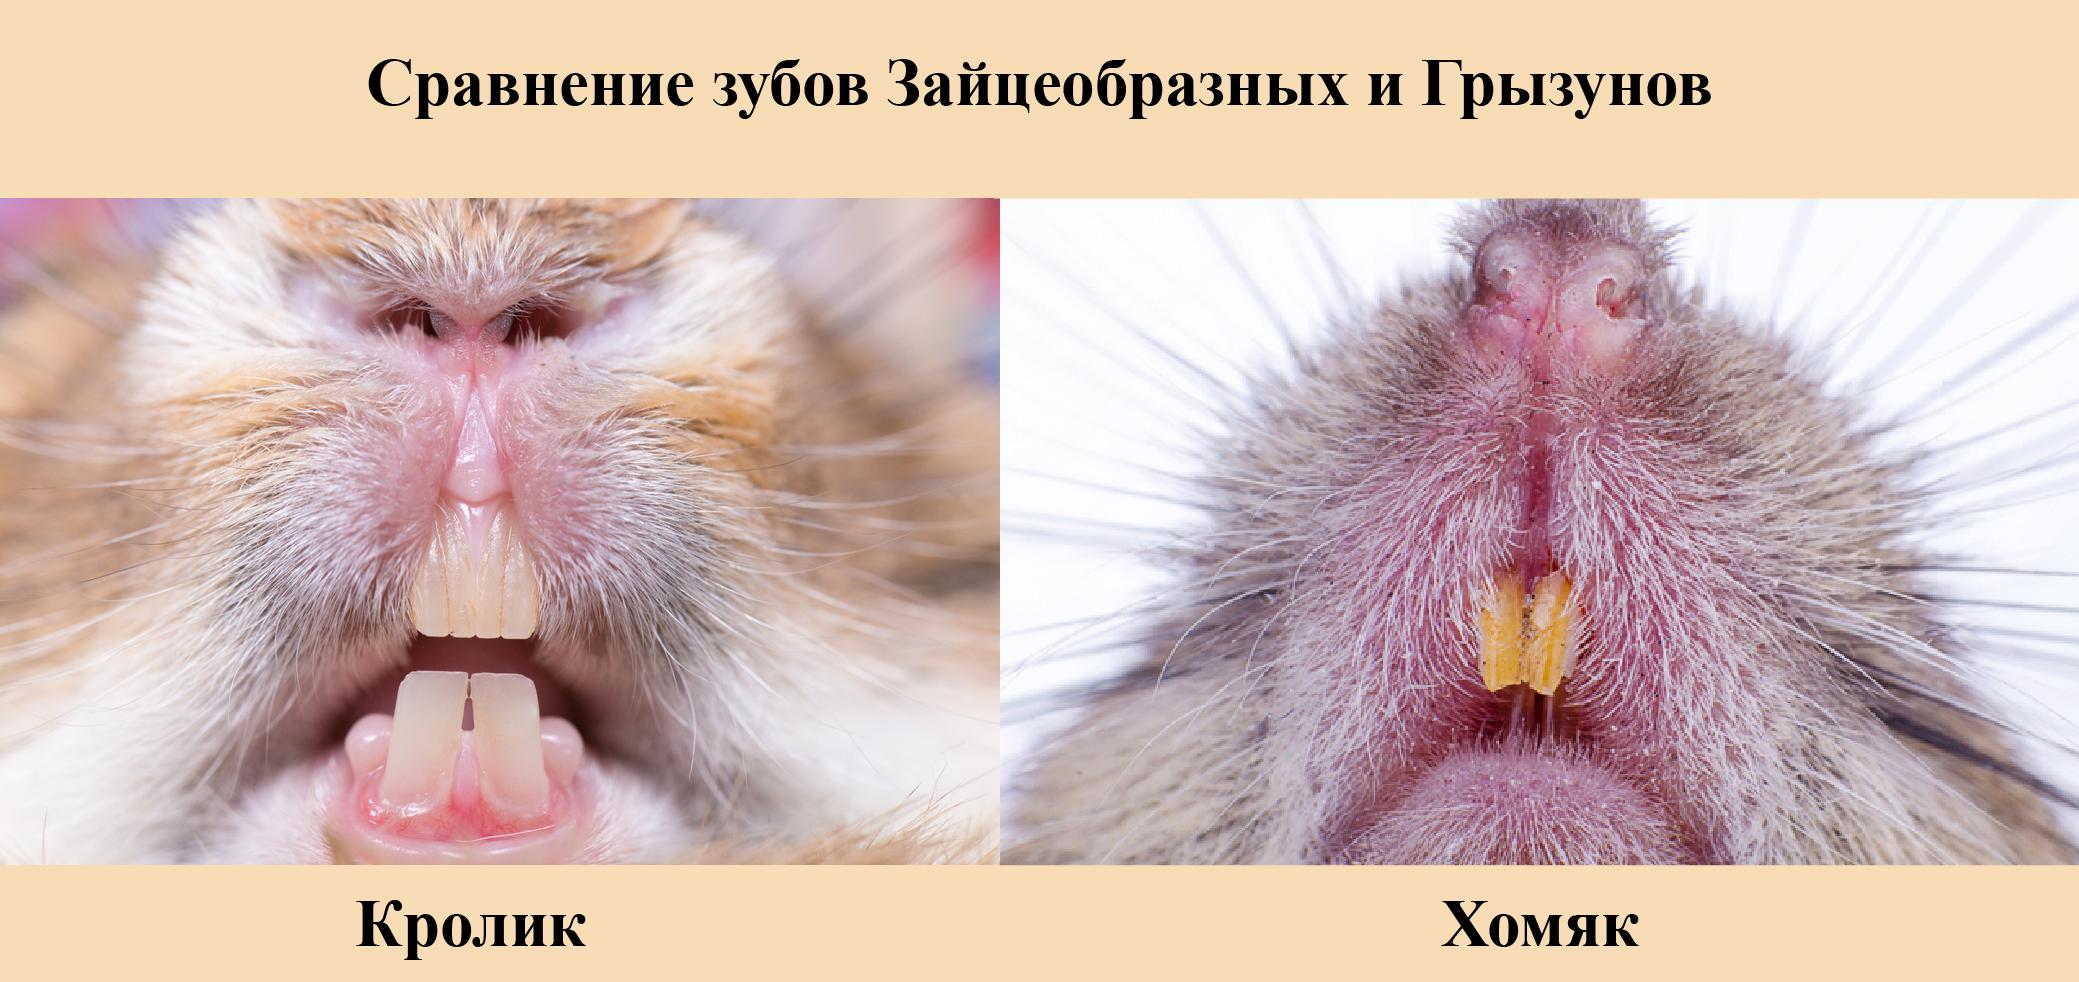 Зубы, как и у грызунов, растут всю жизнь!